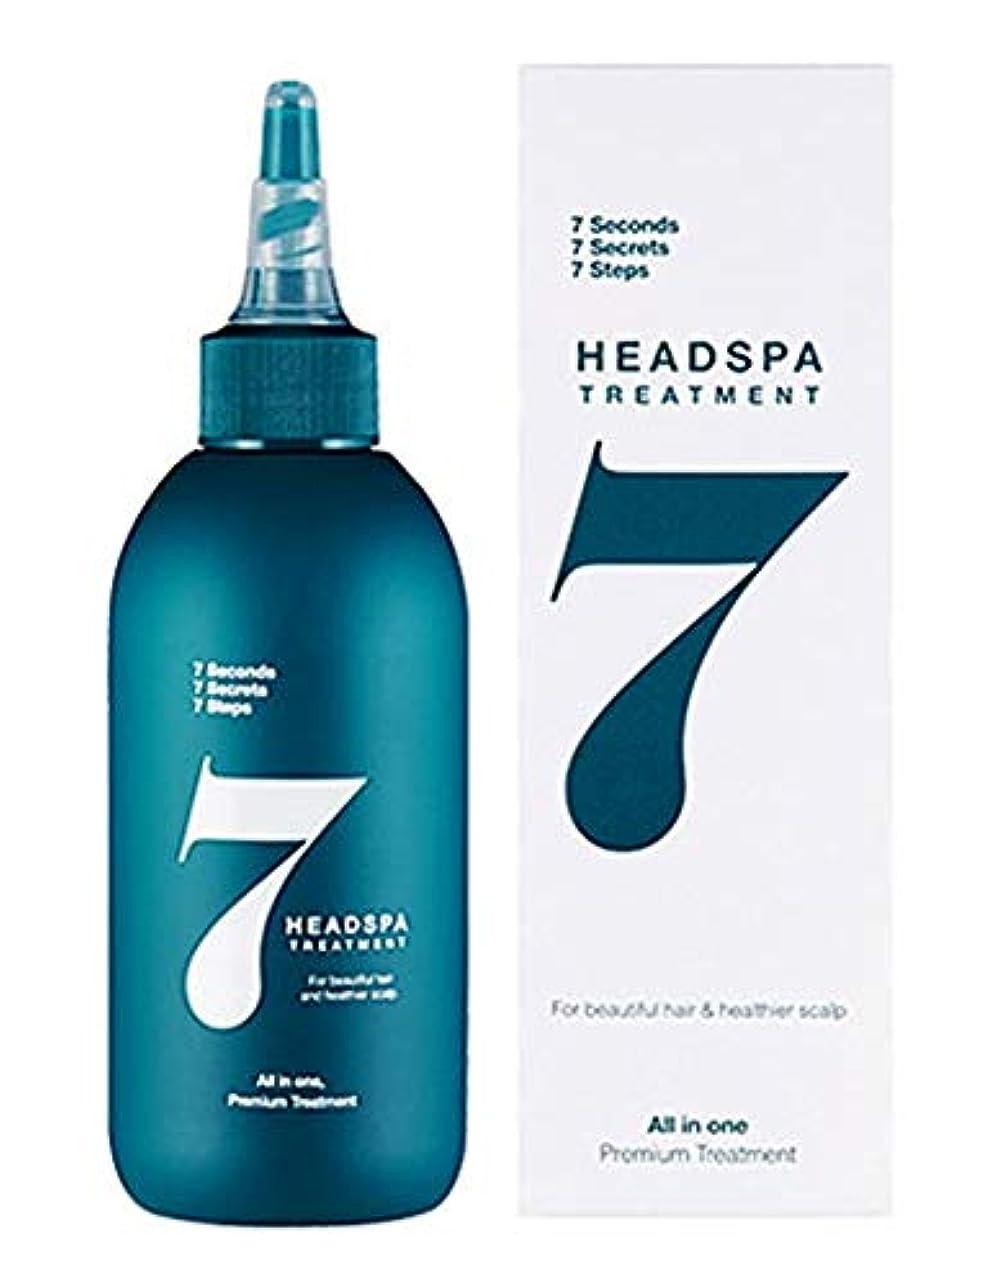 カウンタ時代遅れファンドHead Spa 7 treatment 200ml (脱毛トリートメント)